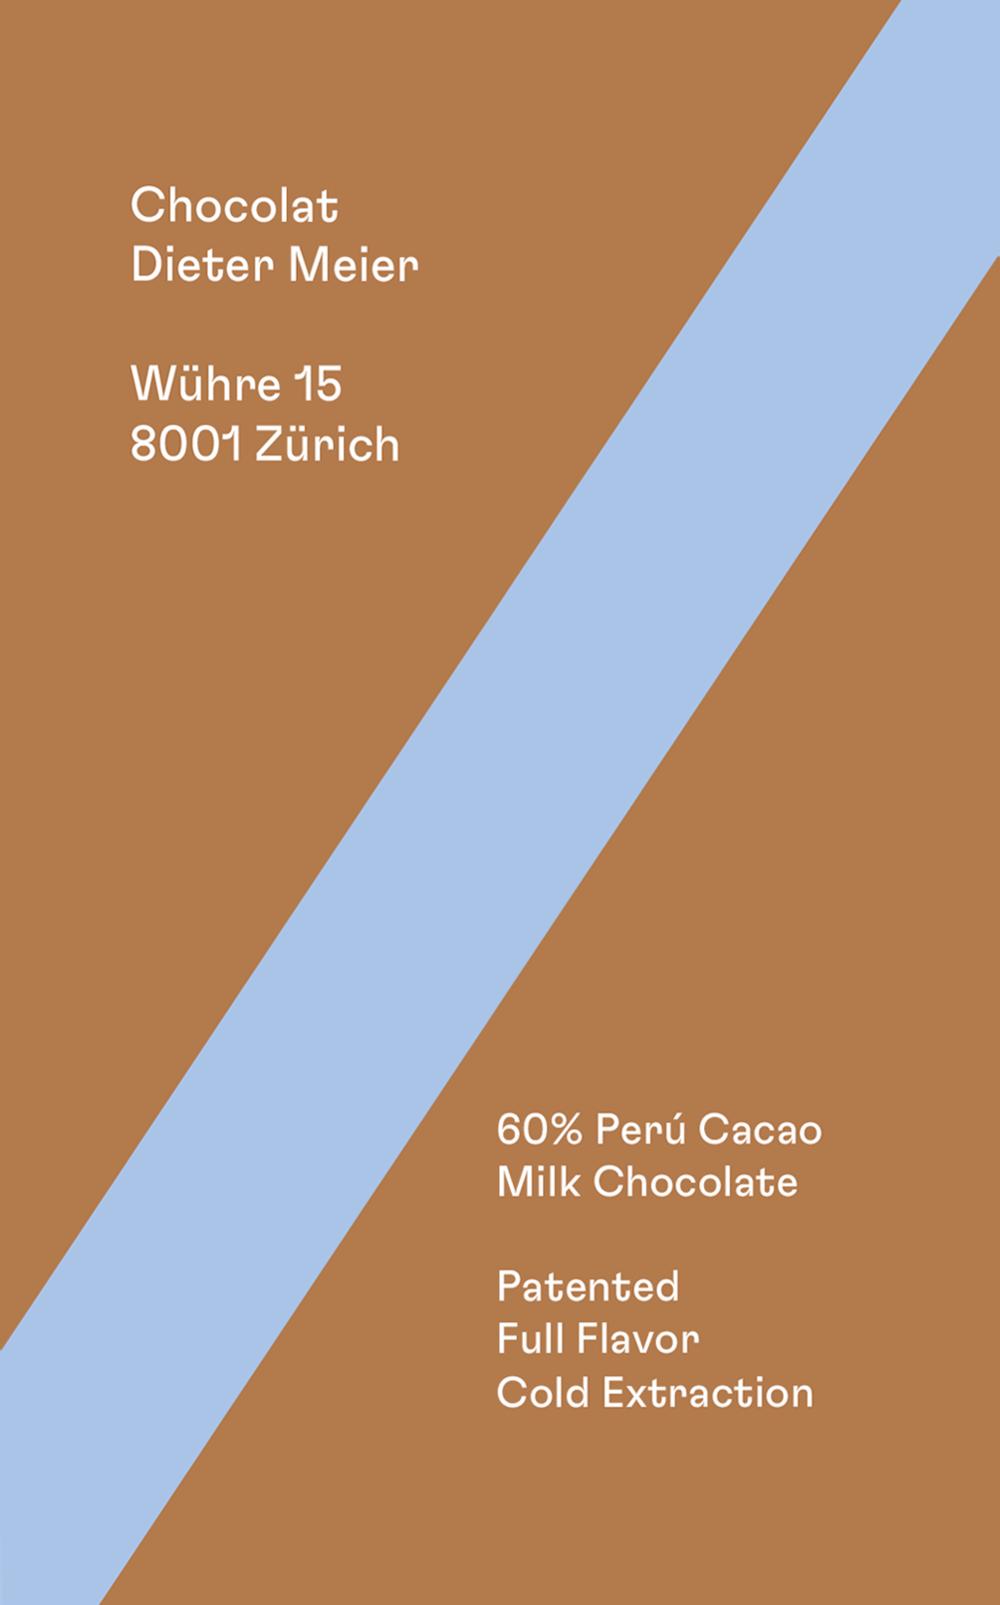 Chocolat_Dieter_Meier_Peru_60_Milk_A.png